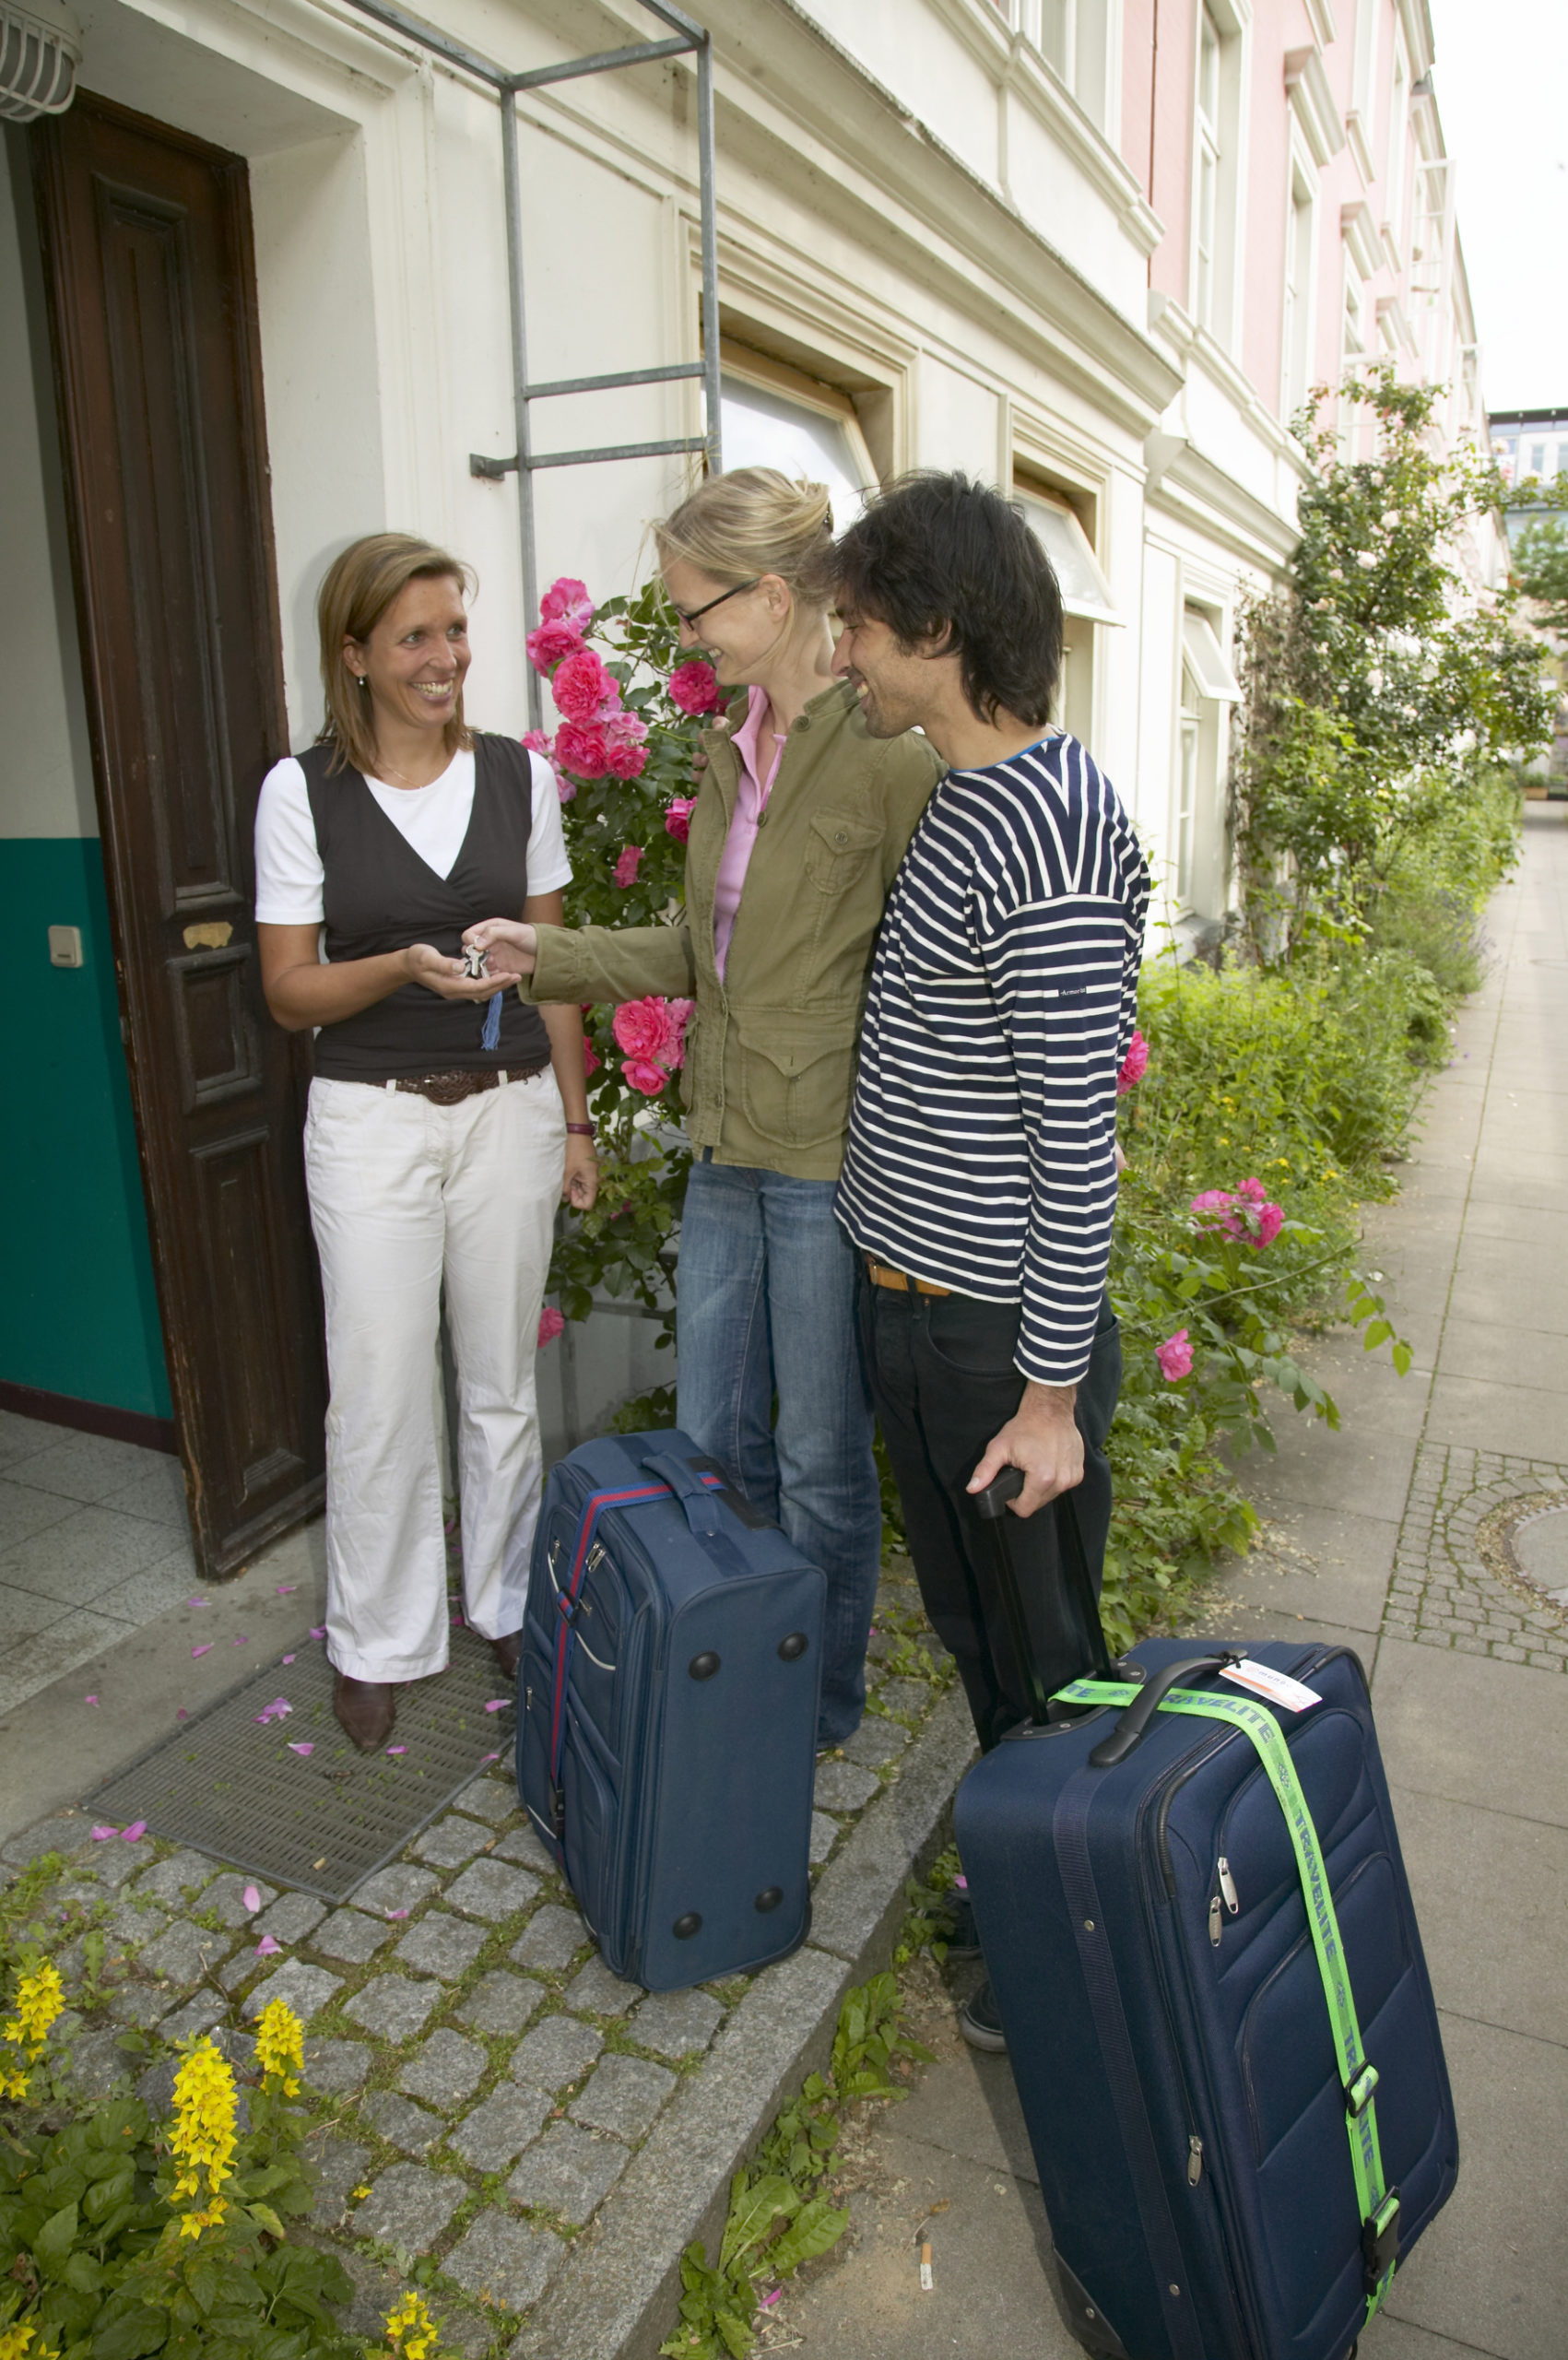 Sicher wohnen: Den Urlaub genießen – dank guter Nachbarn